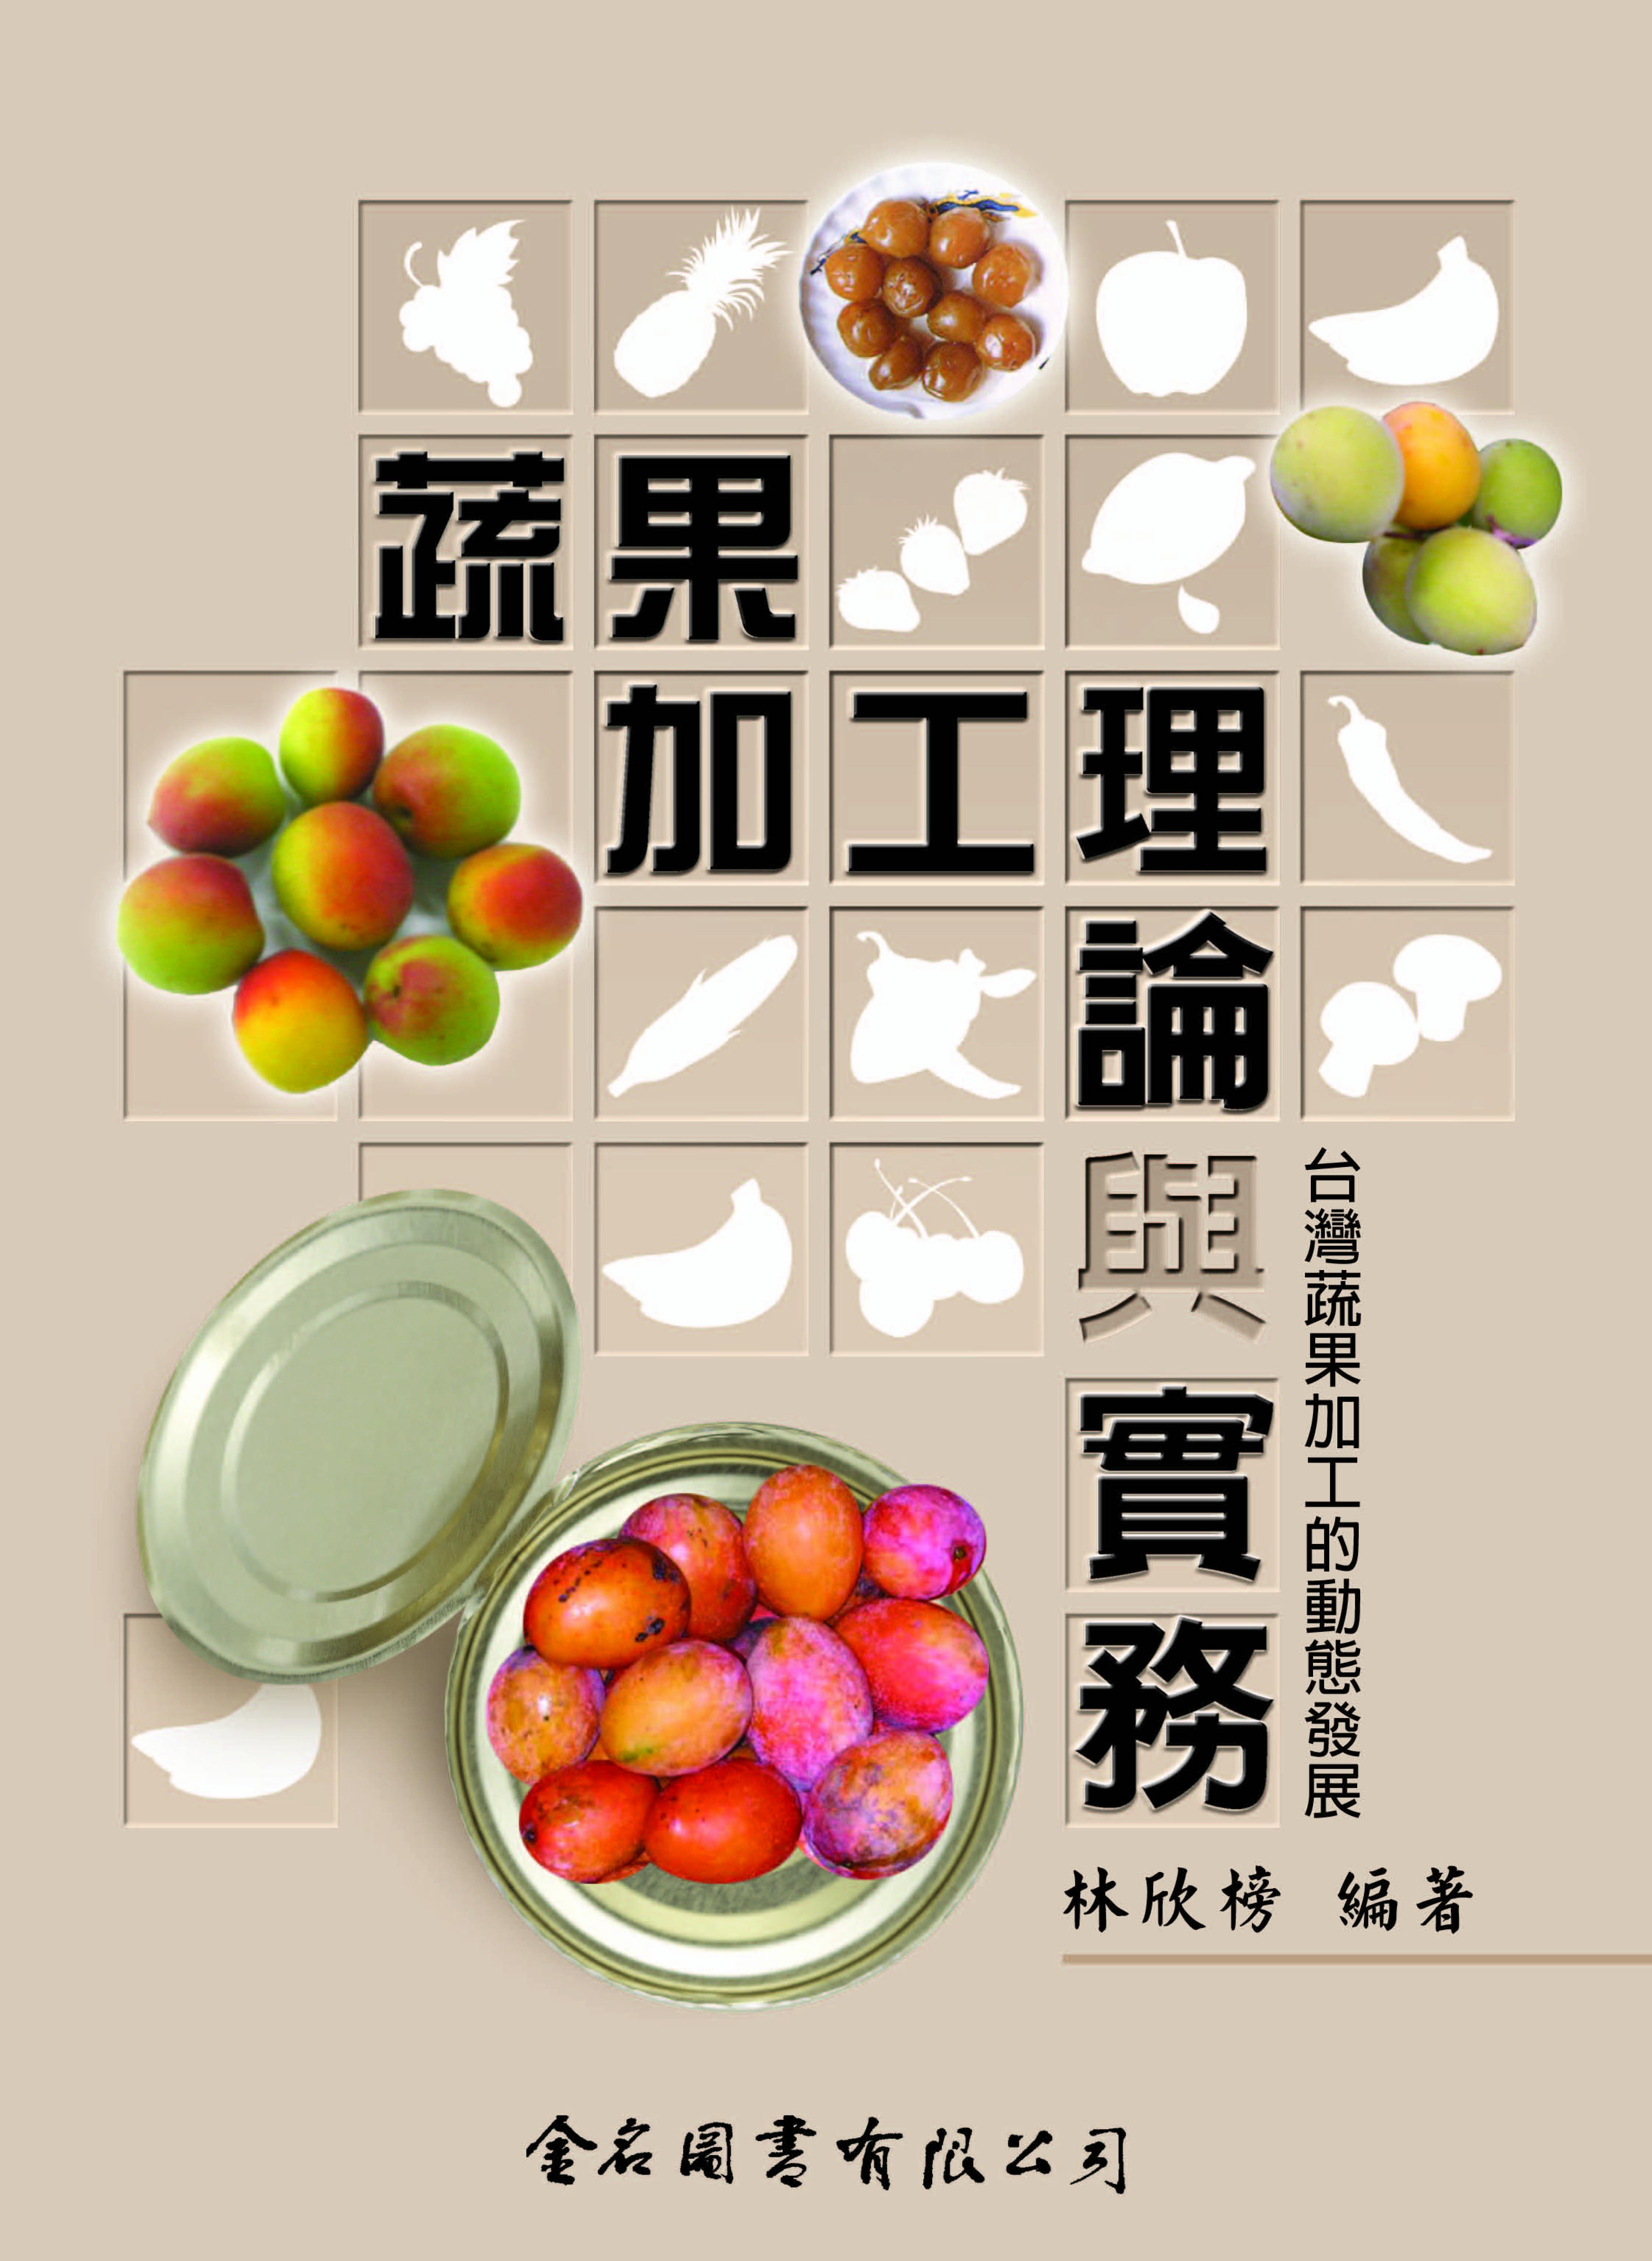 蔬果加工理論與實務:台灣蔬果加工的動態發展